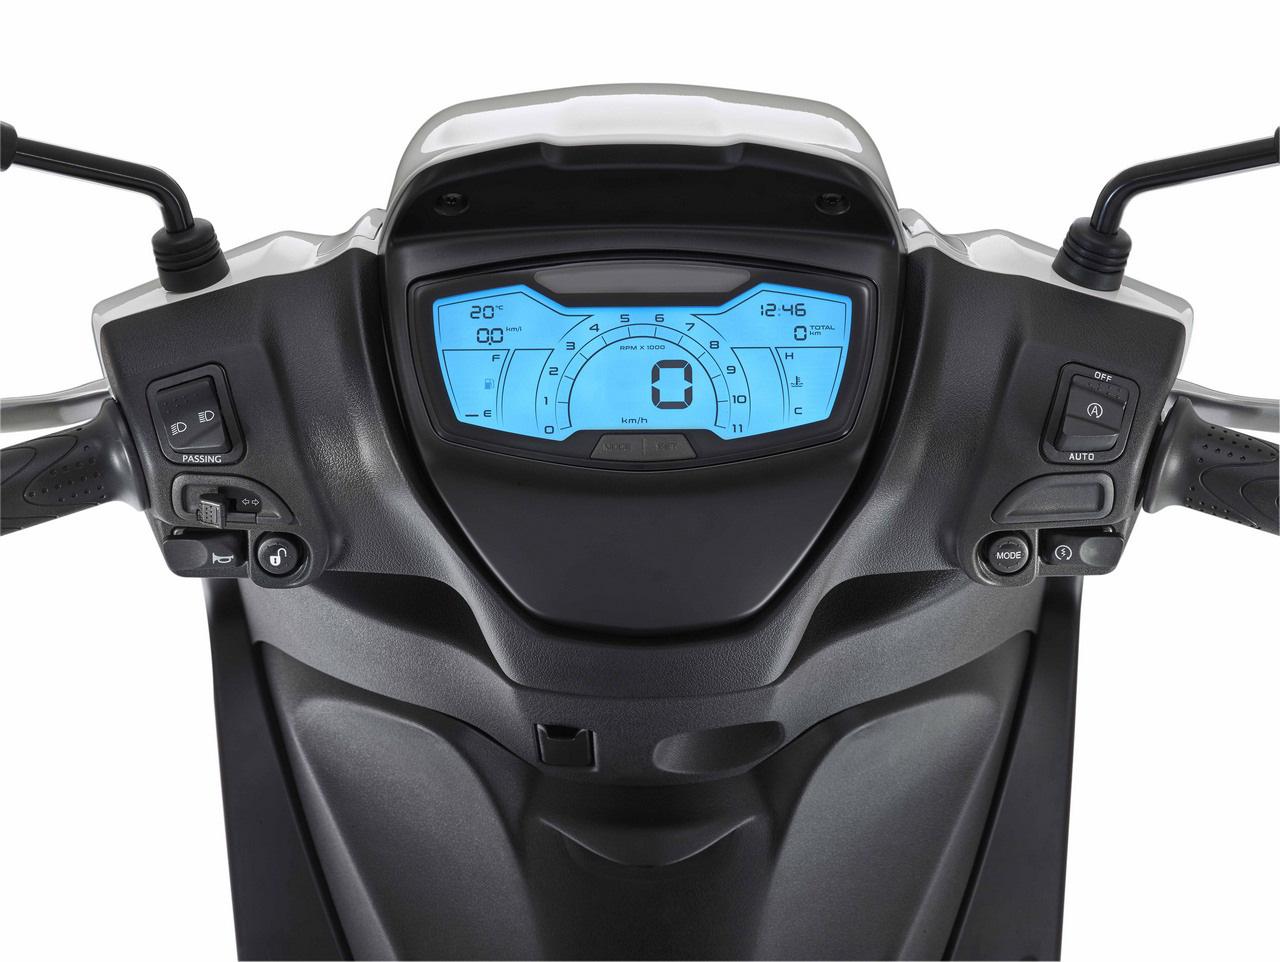 Đối thủ của Honda SH - Piaggio Medley 2020 chính thức ra mắt tại Việt Nam, giá từ 75 triệu đồng - Ảnh 3.